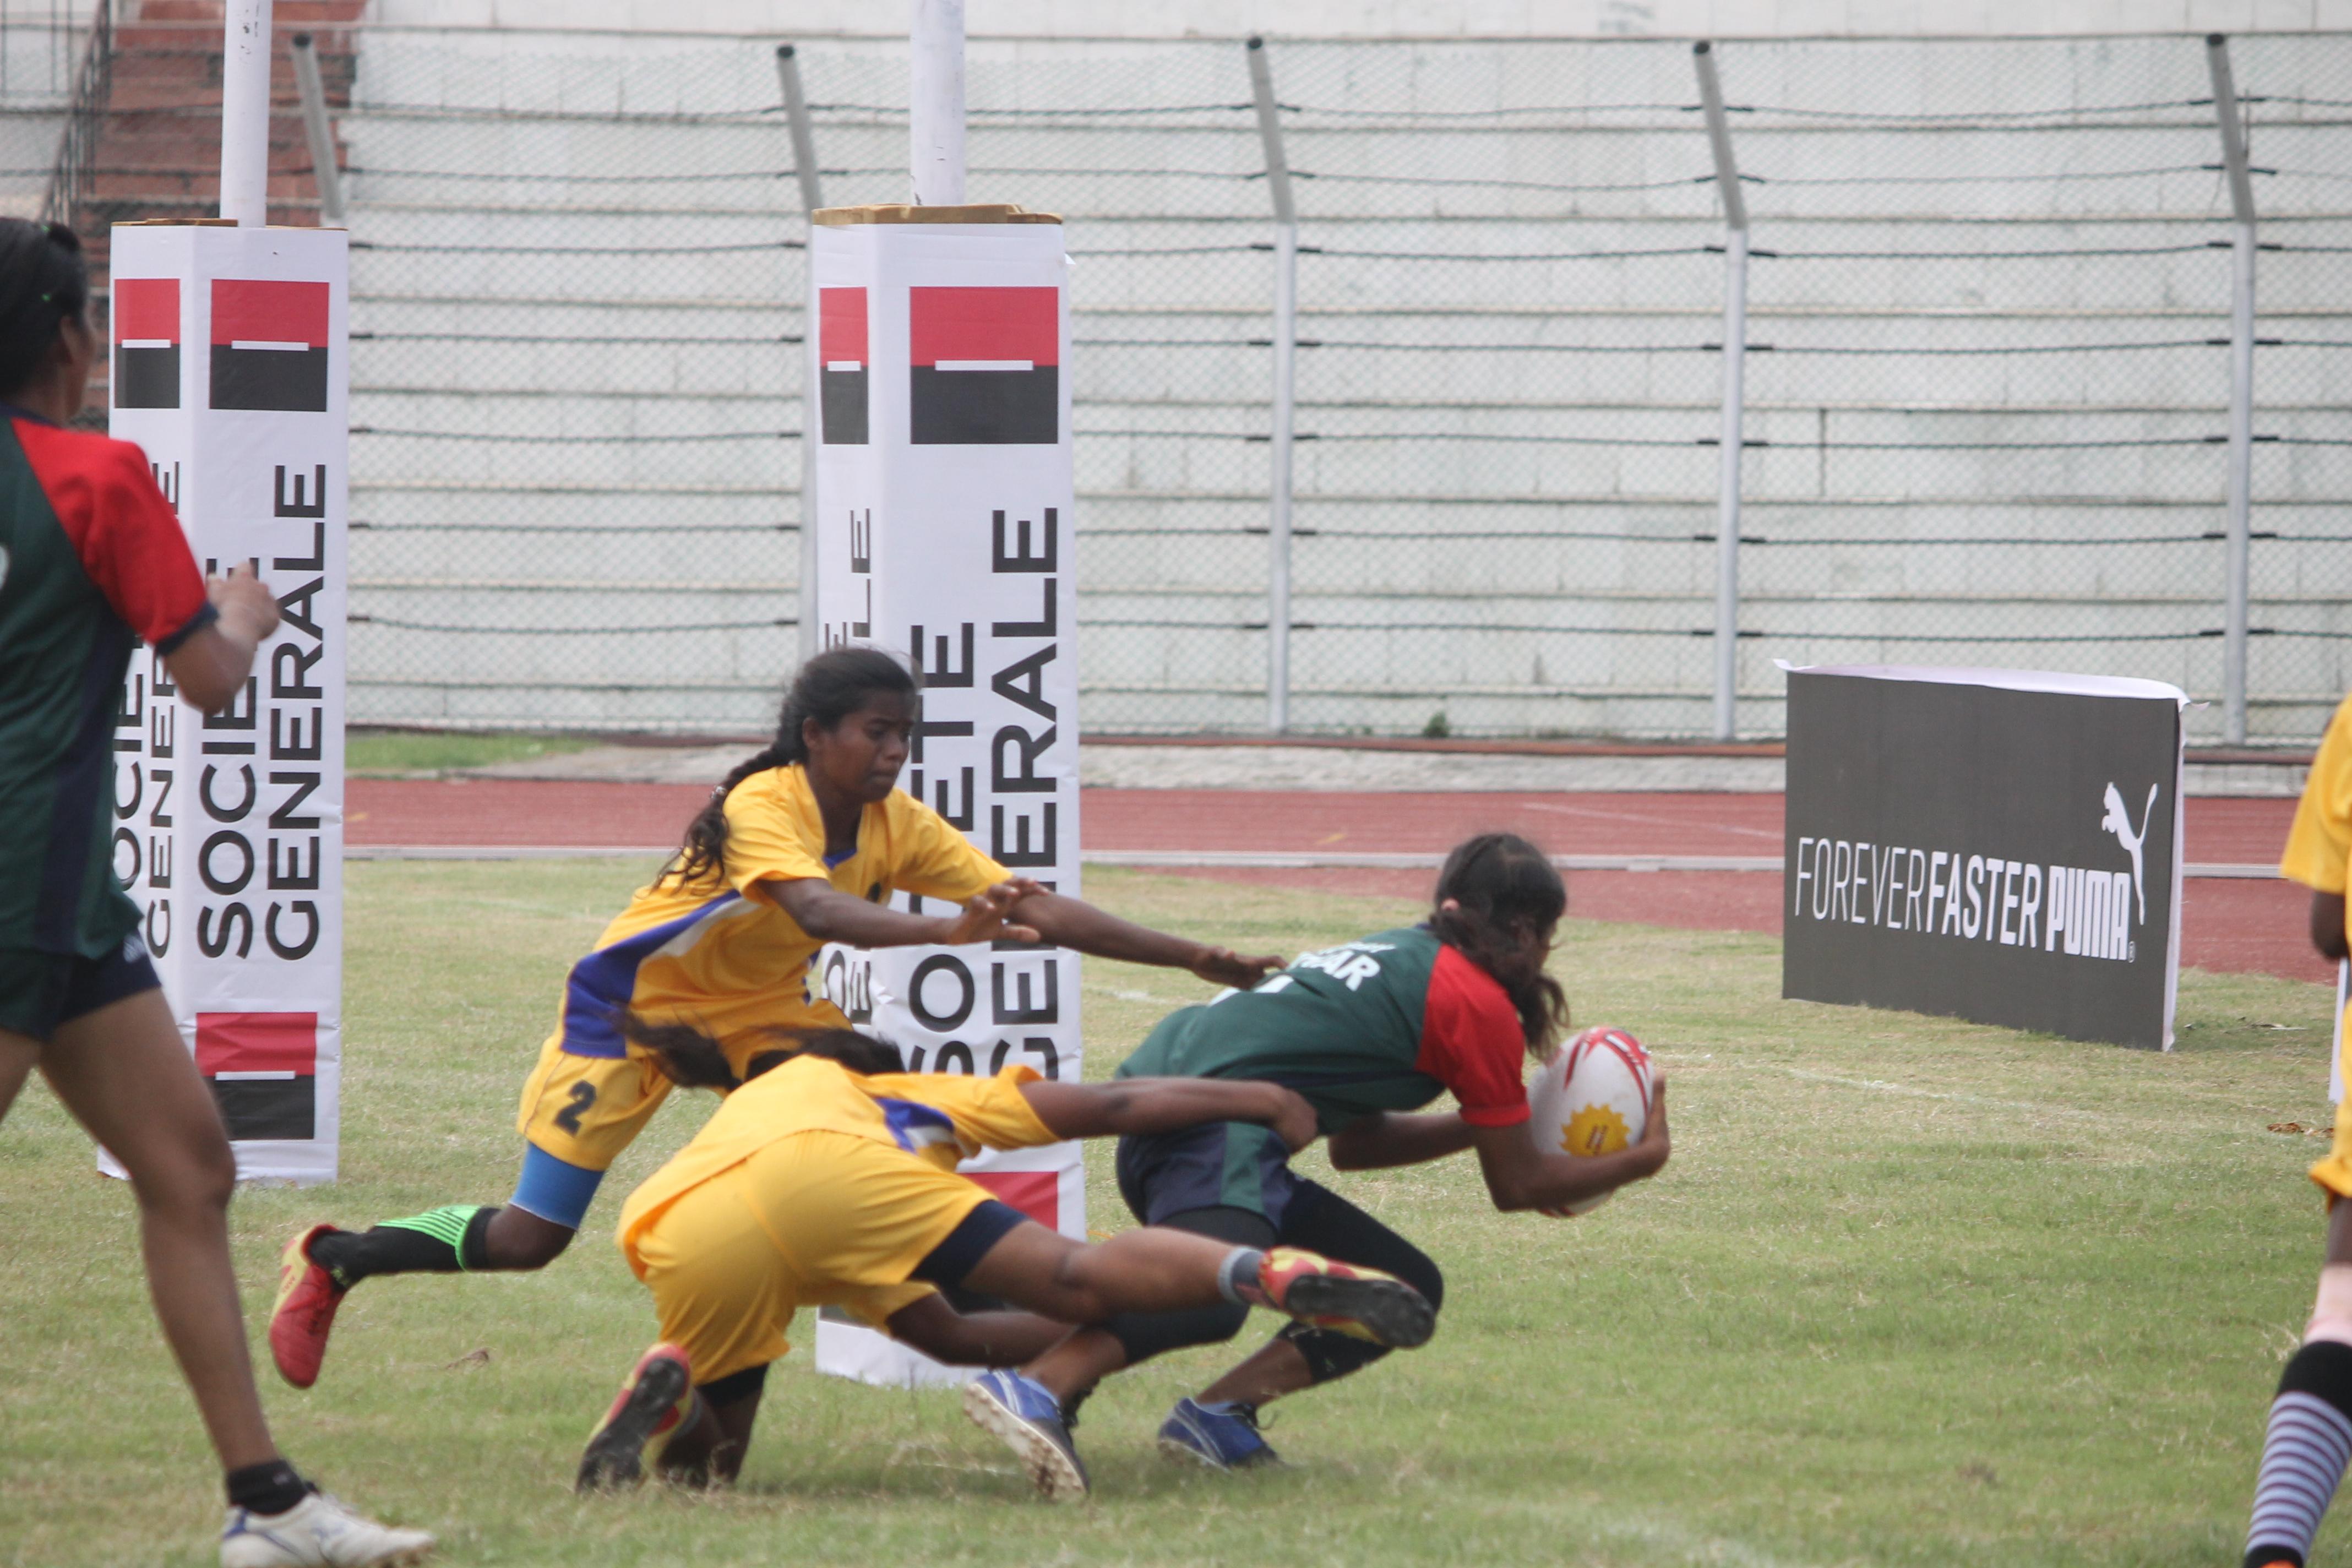 Bihar Womens team in action against Jharkhand , Bihar winning the fixture 27-0